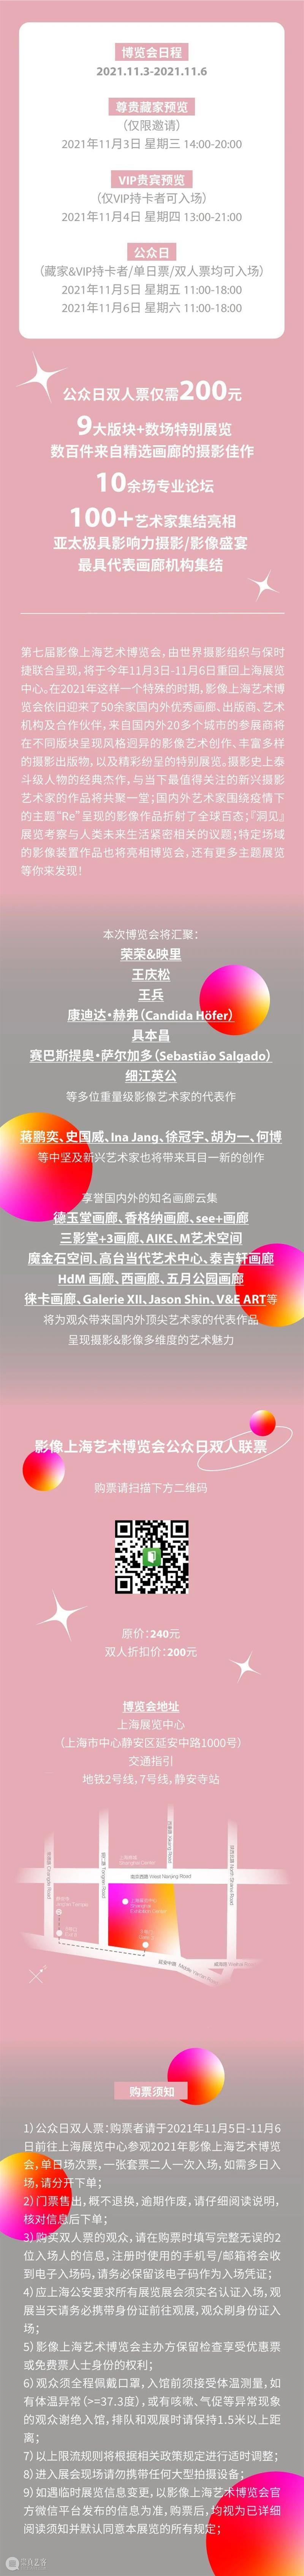 结伴观展,优惠多多! 观展 优惠 原文 影像 上海艺术博览会双人票 崇真艺客